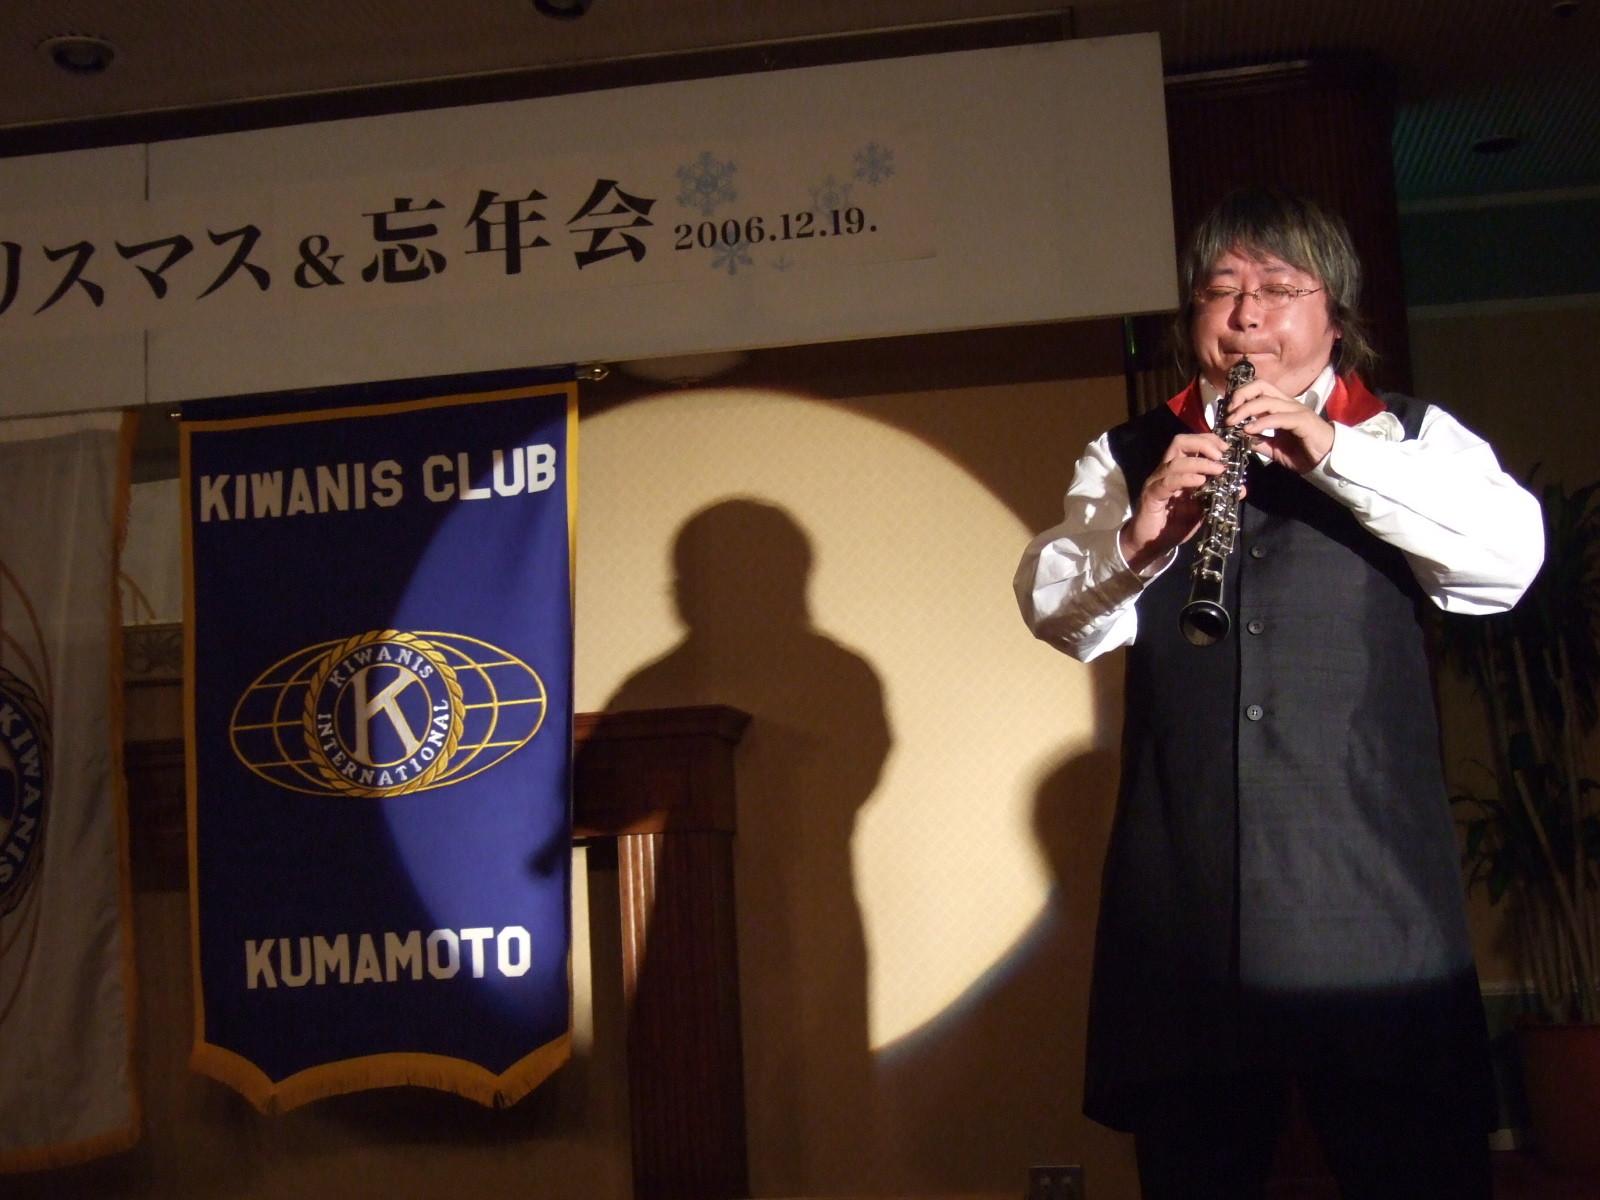 パーティーでの演奏♪熊本キワニスクラブ/クリスマス会